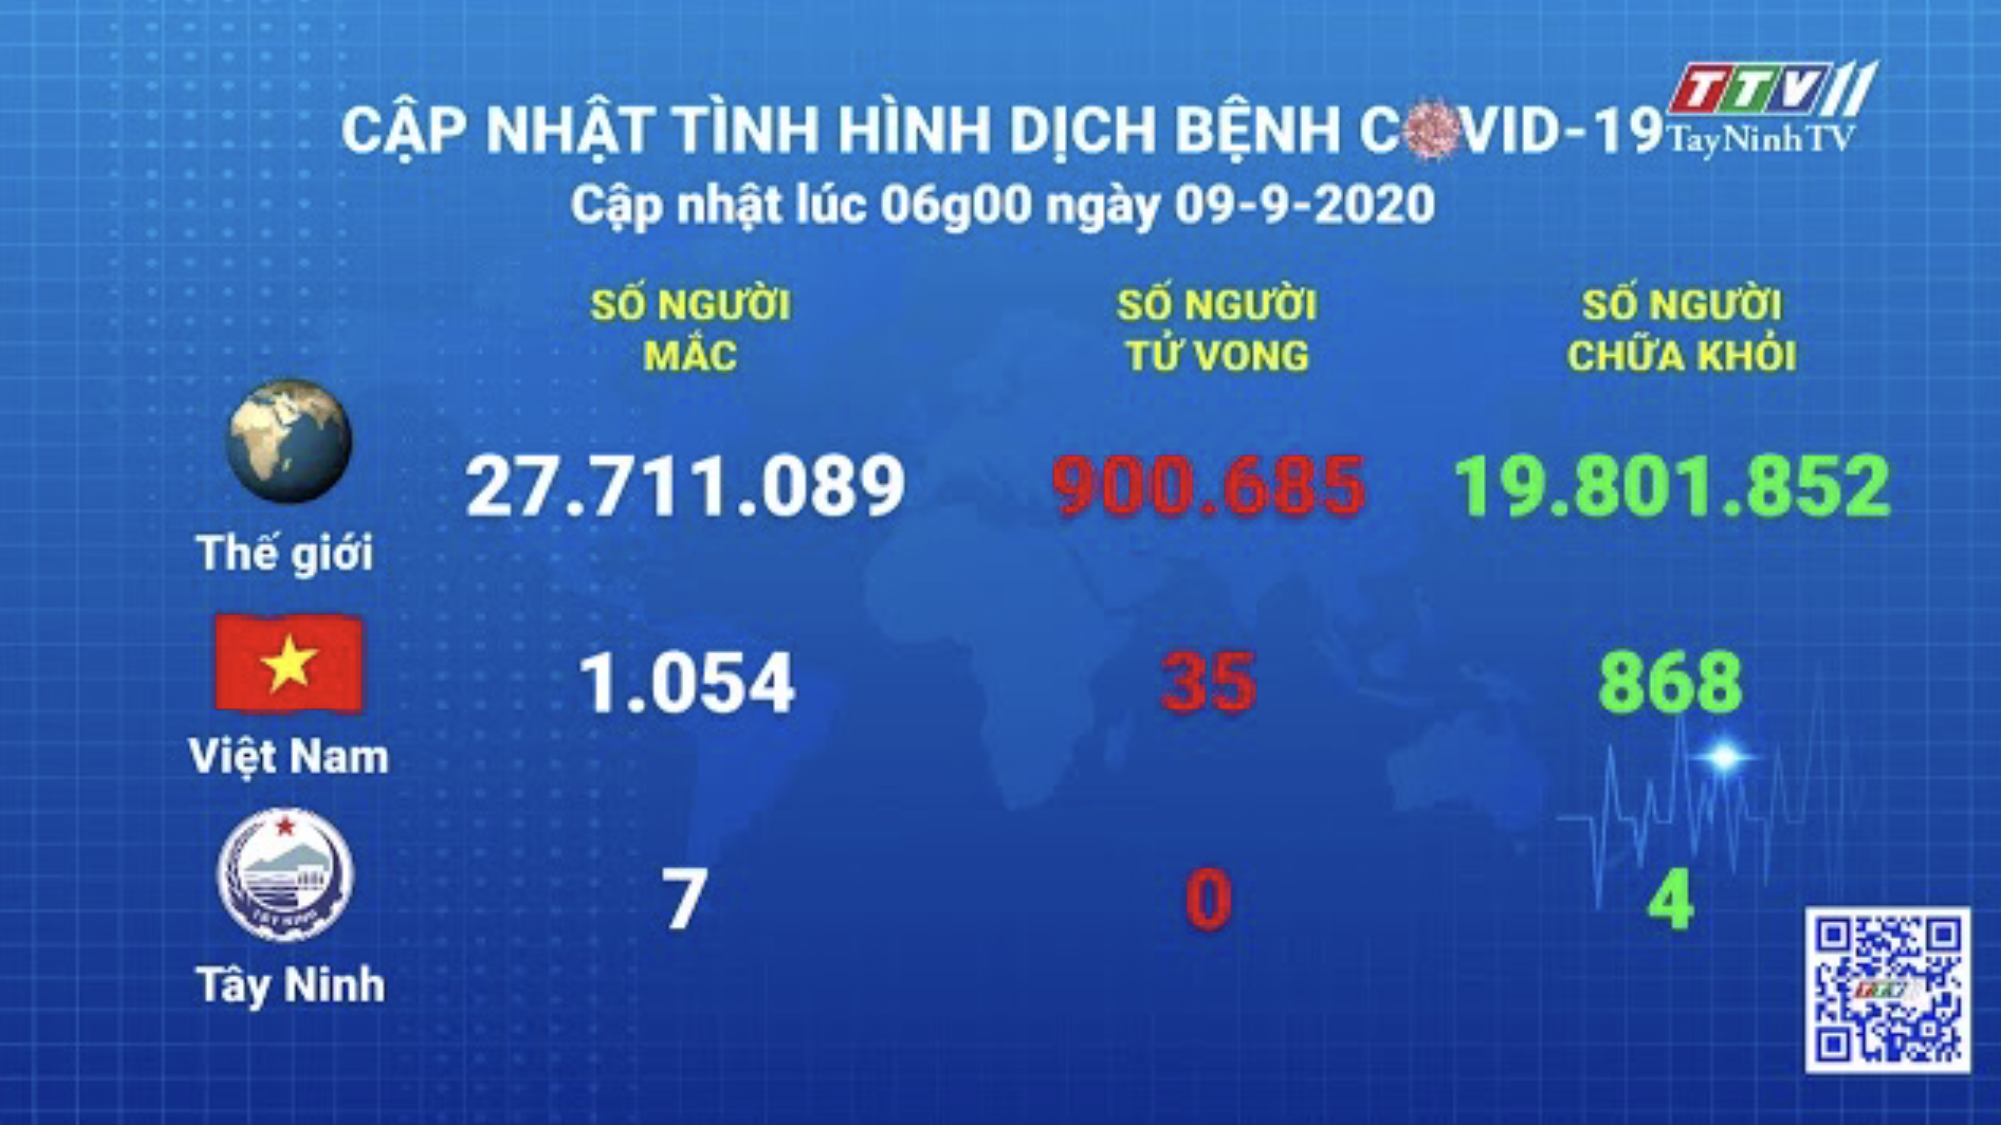 Cập nhật tình hình Covid-19 vào lúc 06 giờ 09-9-2020 | Thông tin dịch Covid-19 | TayNinhTV